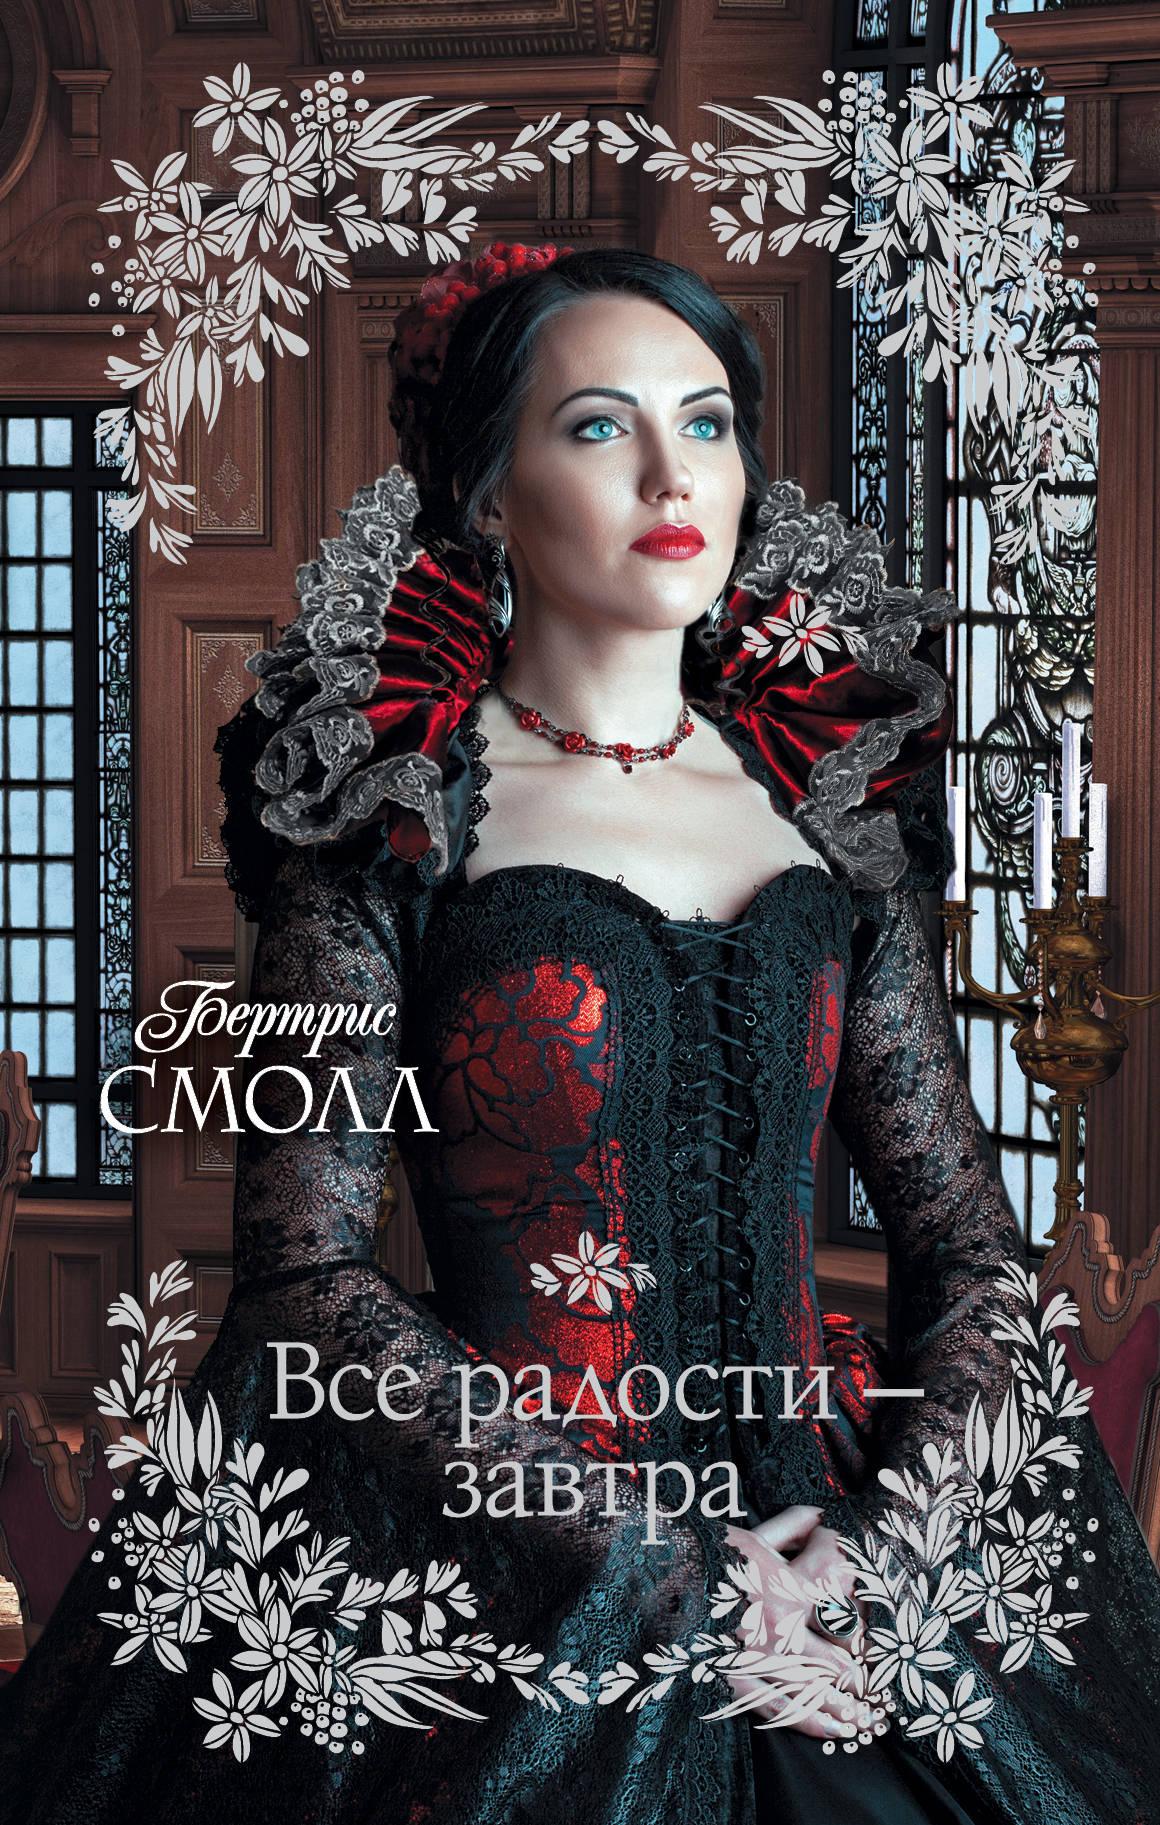 Бертрис Смолл Все радости - завтра ISBN: 978-5-17-106775-5 цена 2017